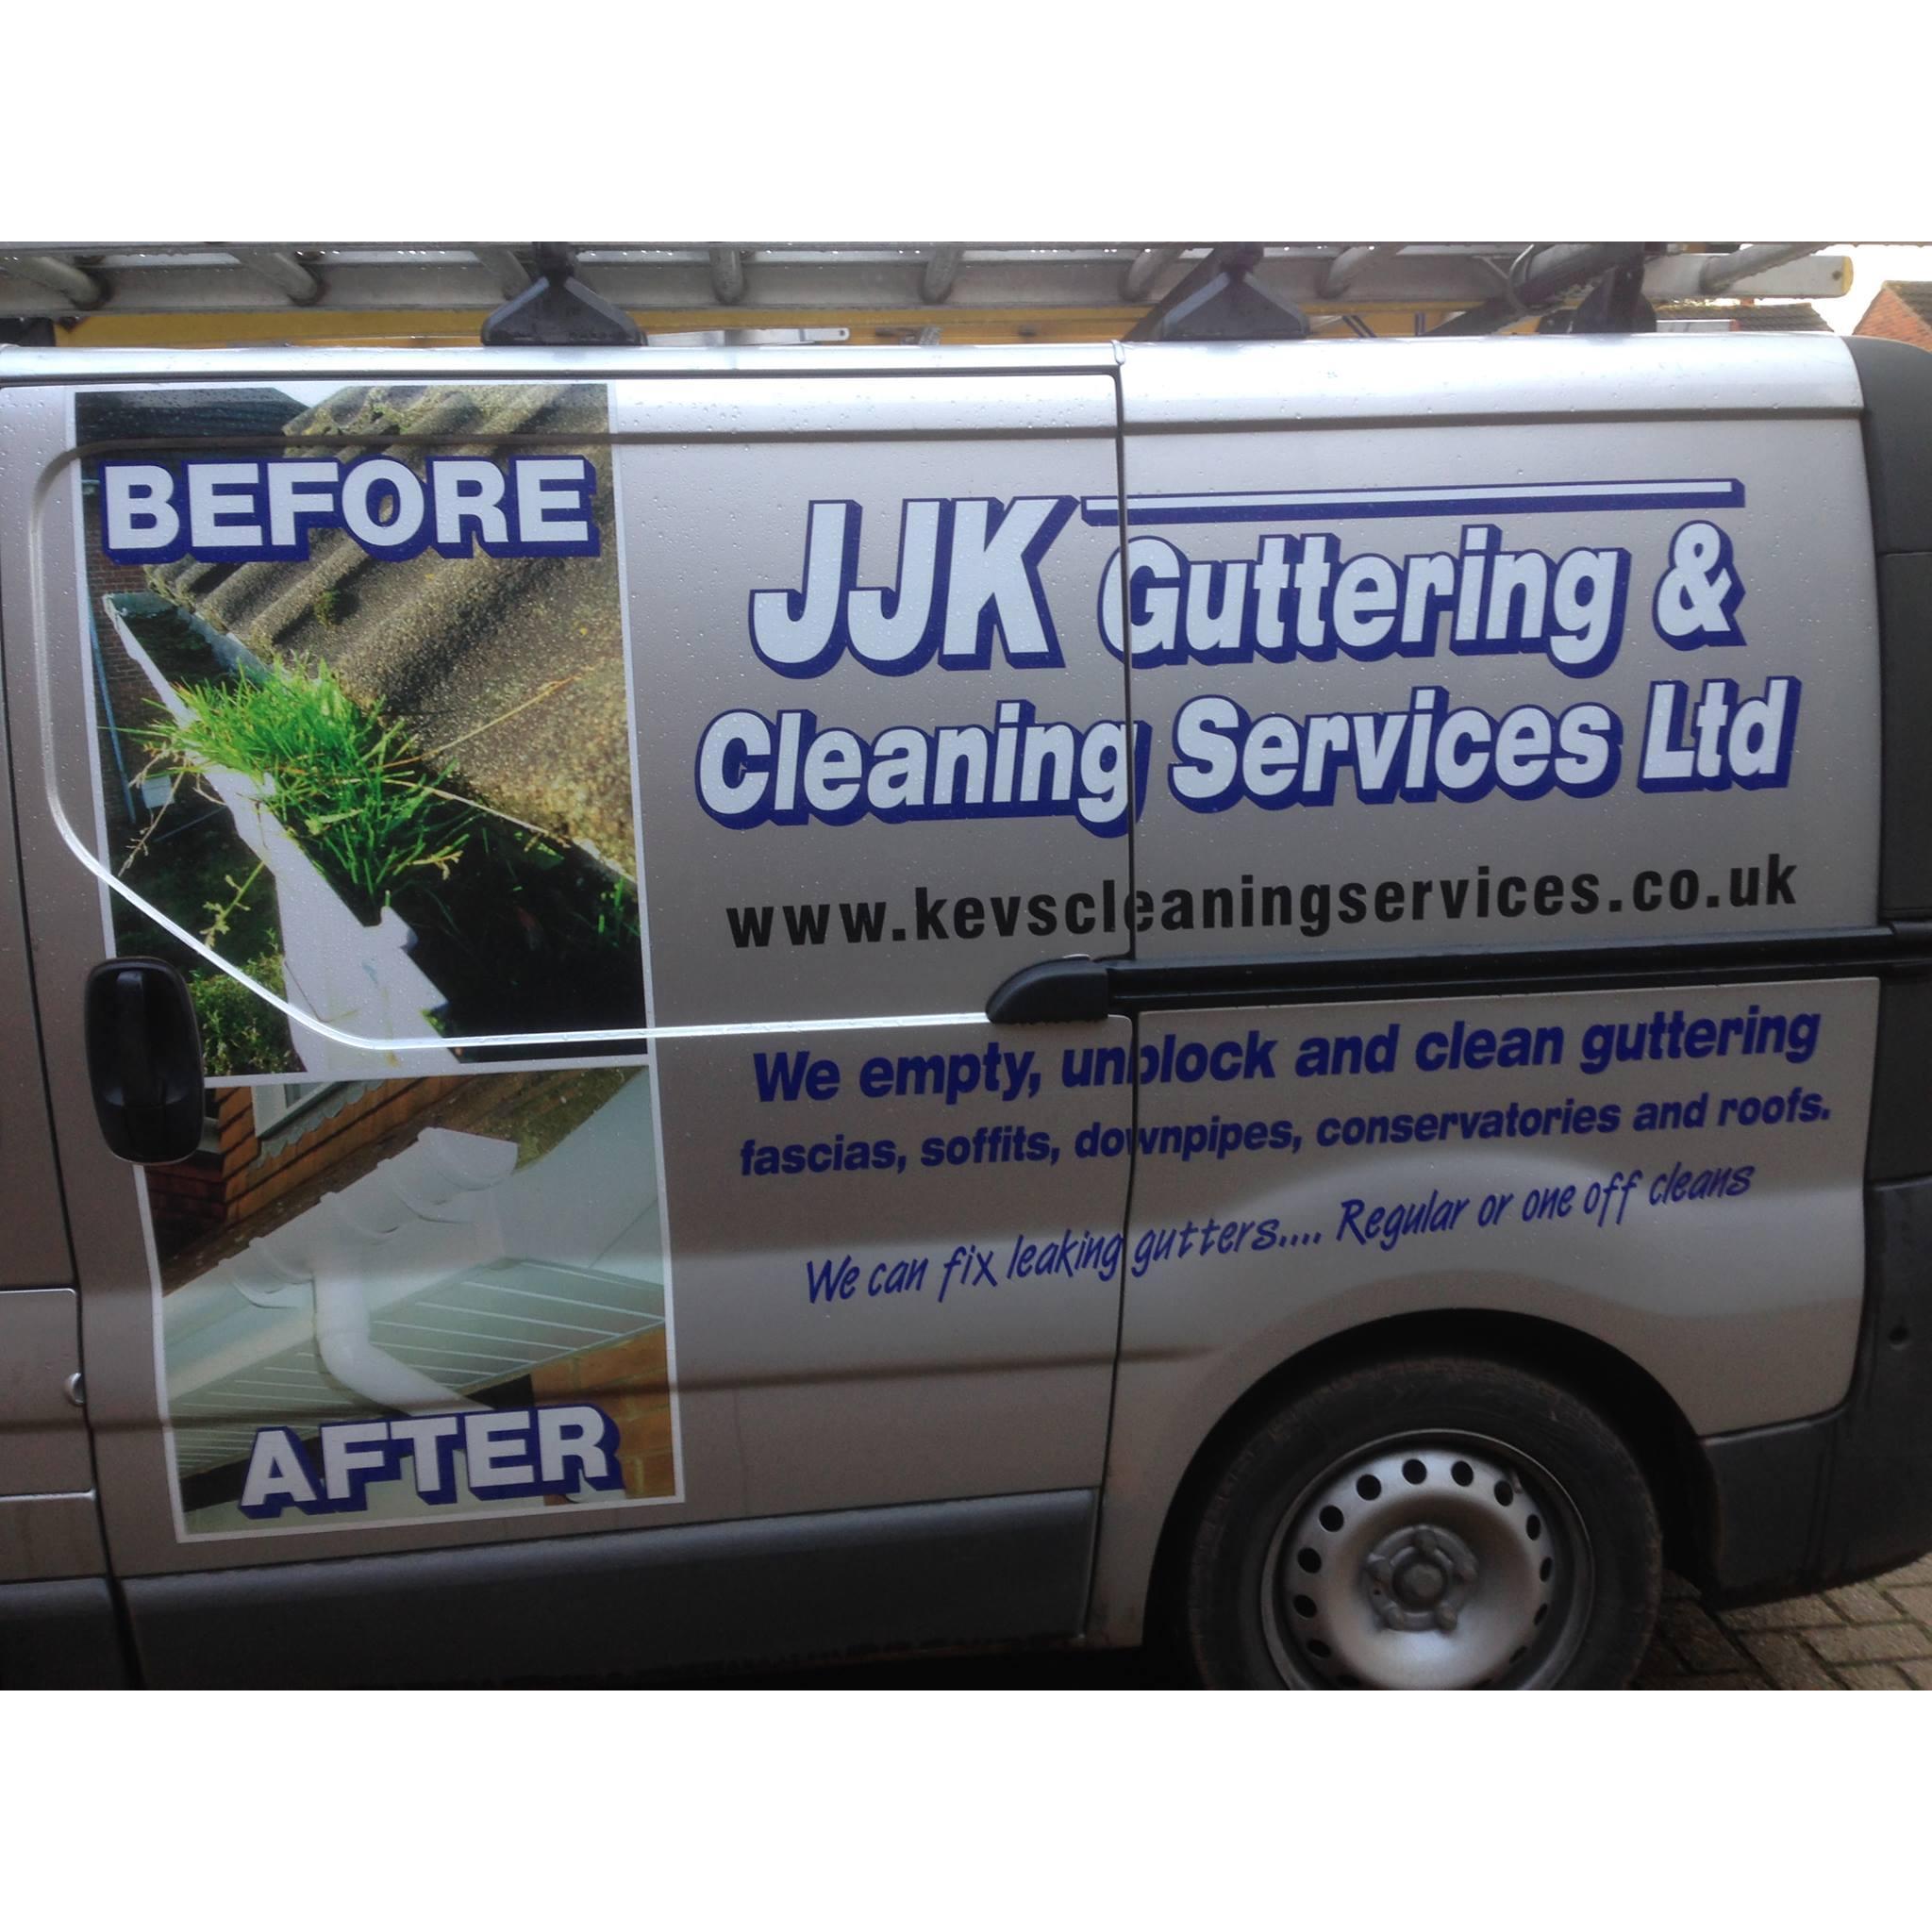 JJK Cleaning & Guttering